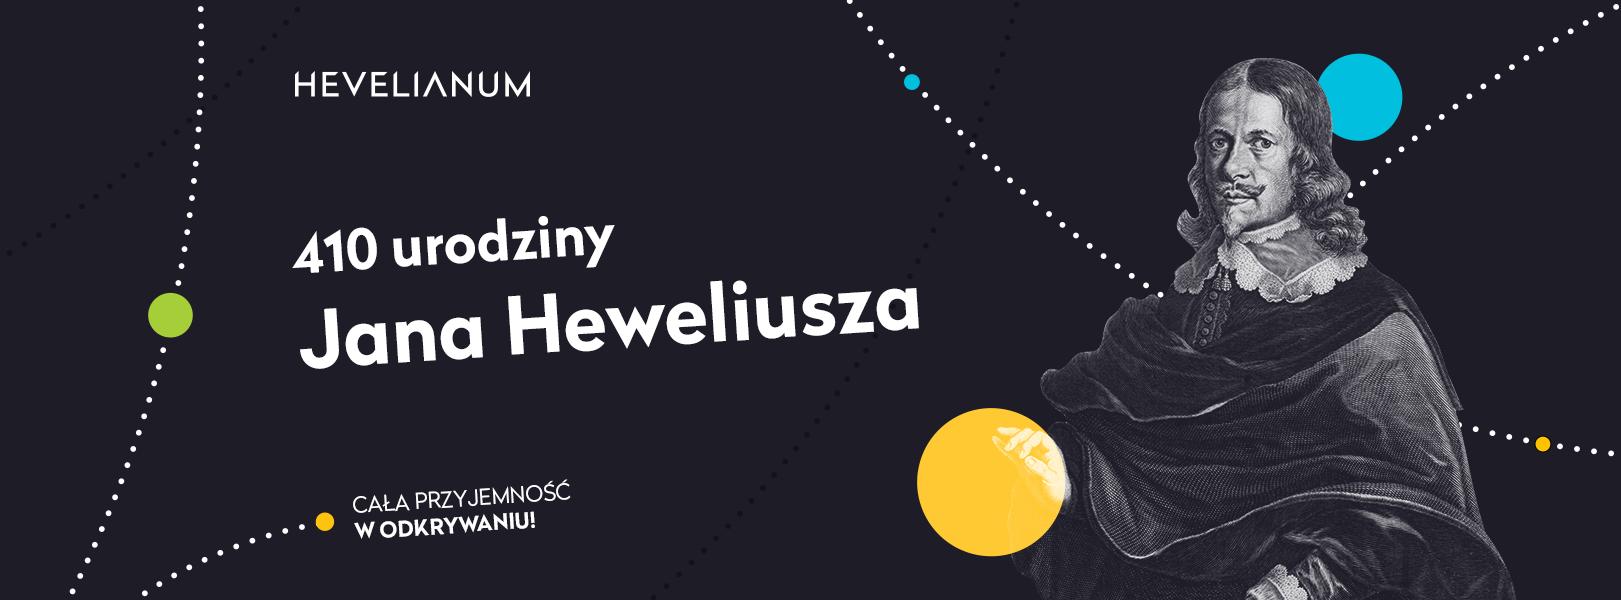 Inauguracja 410 urodziny Jana Heweliusza - Hevelianum @ Online